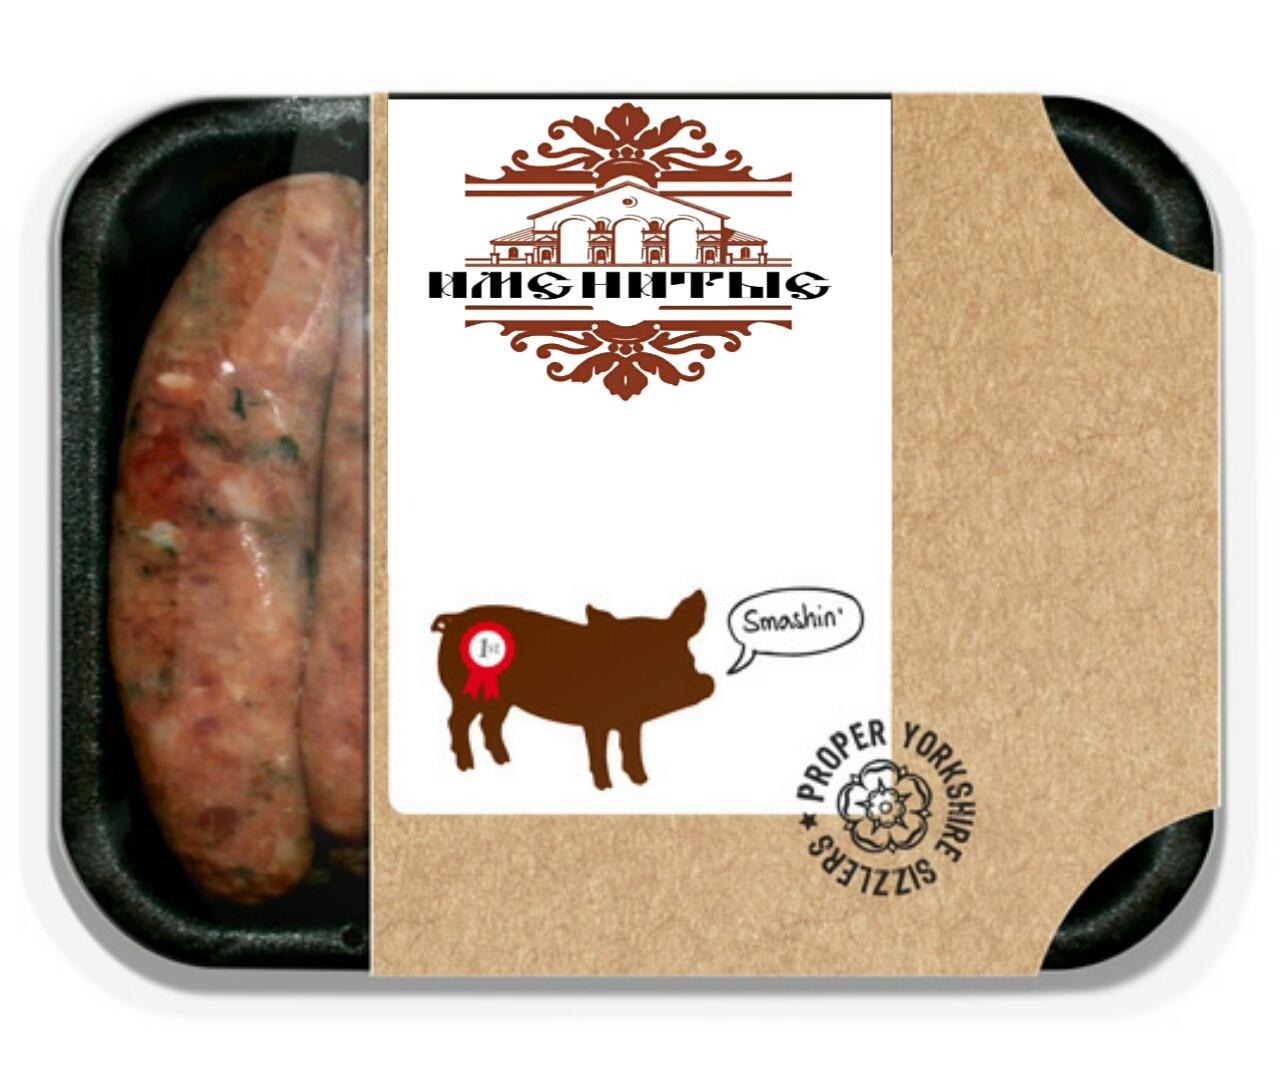 Логотип и фирменный стиль продуктов питания фото f_4205bbb9825f3490.jpg